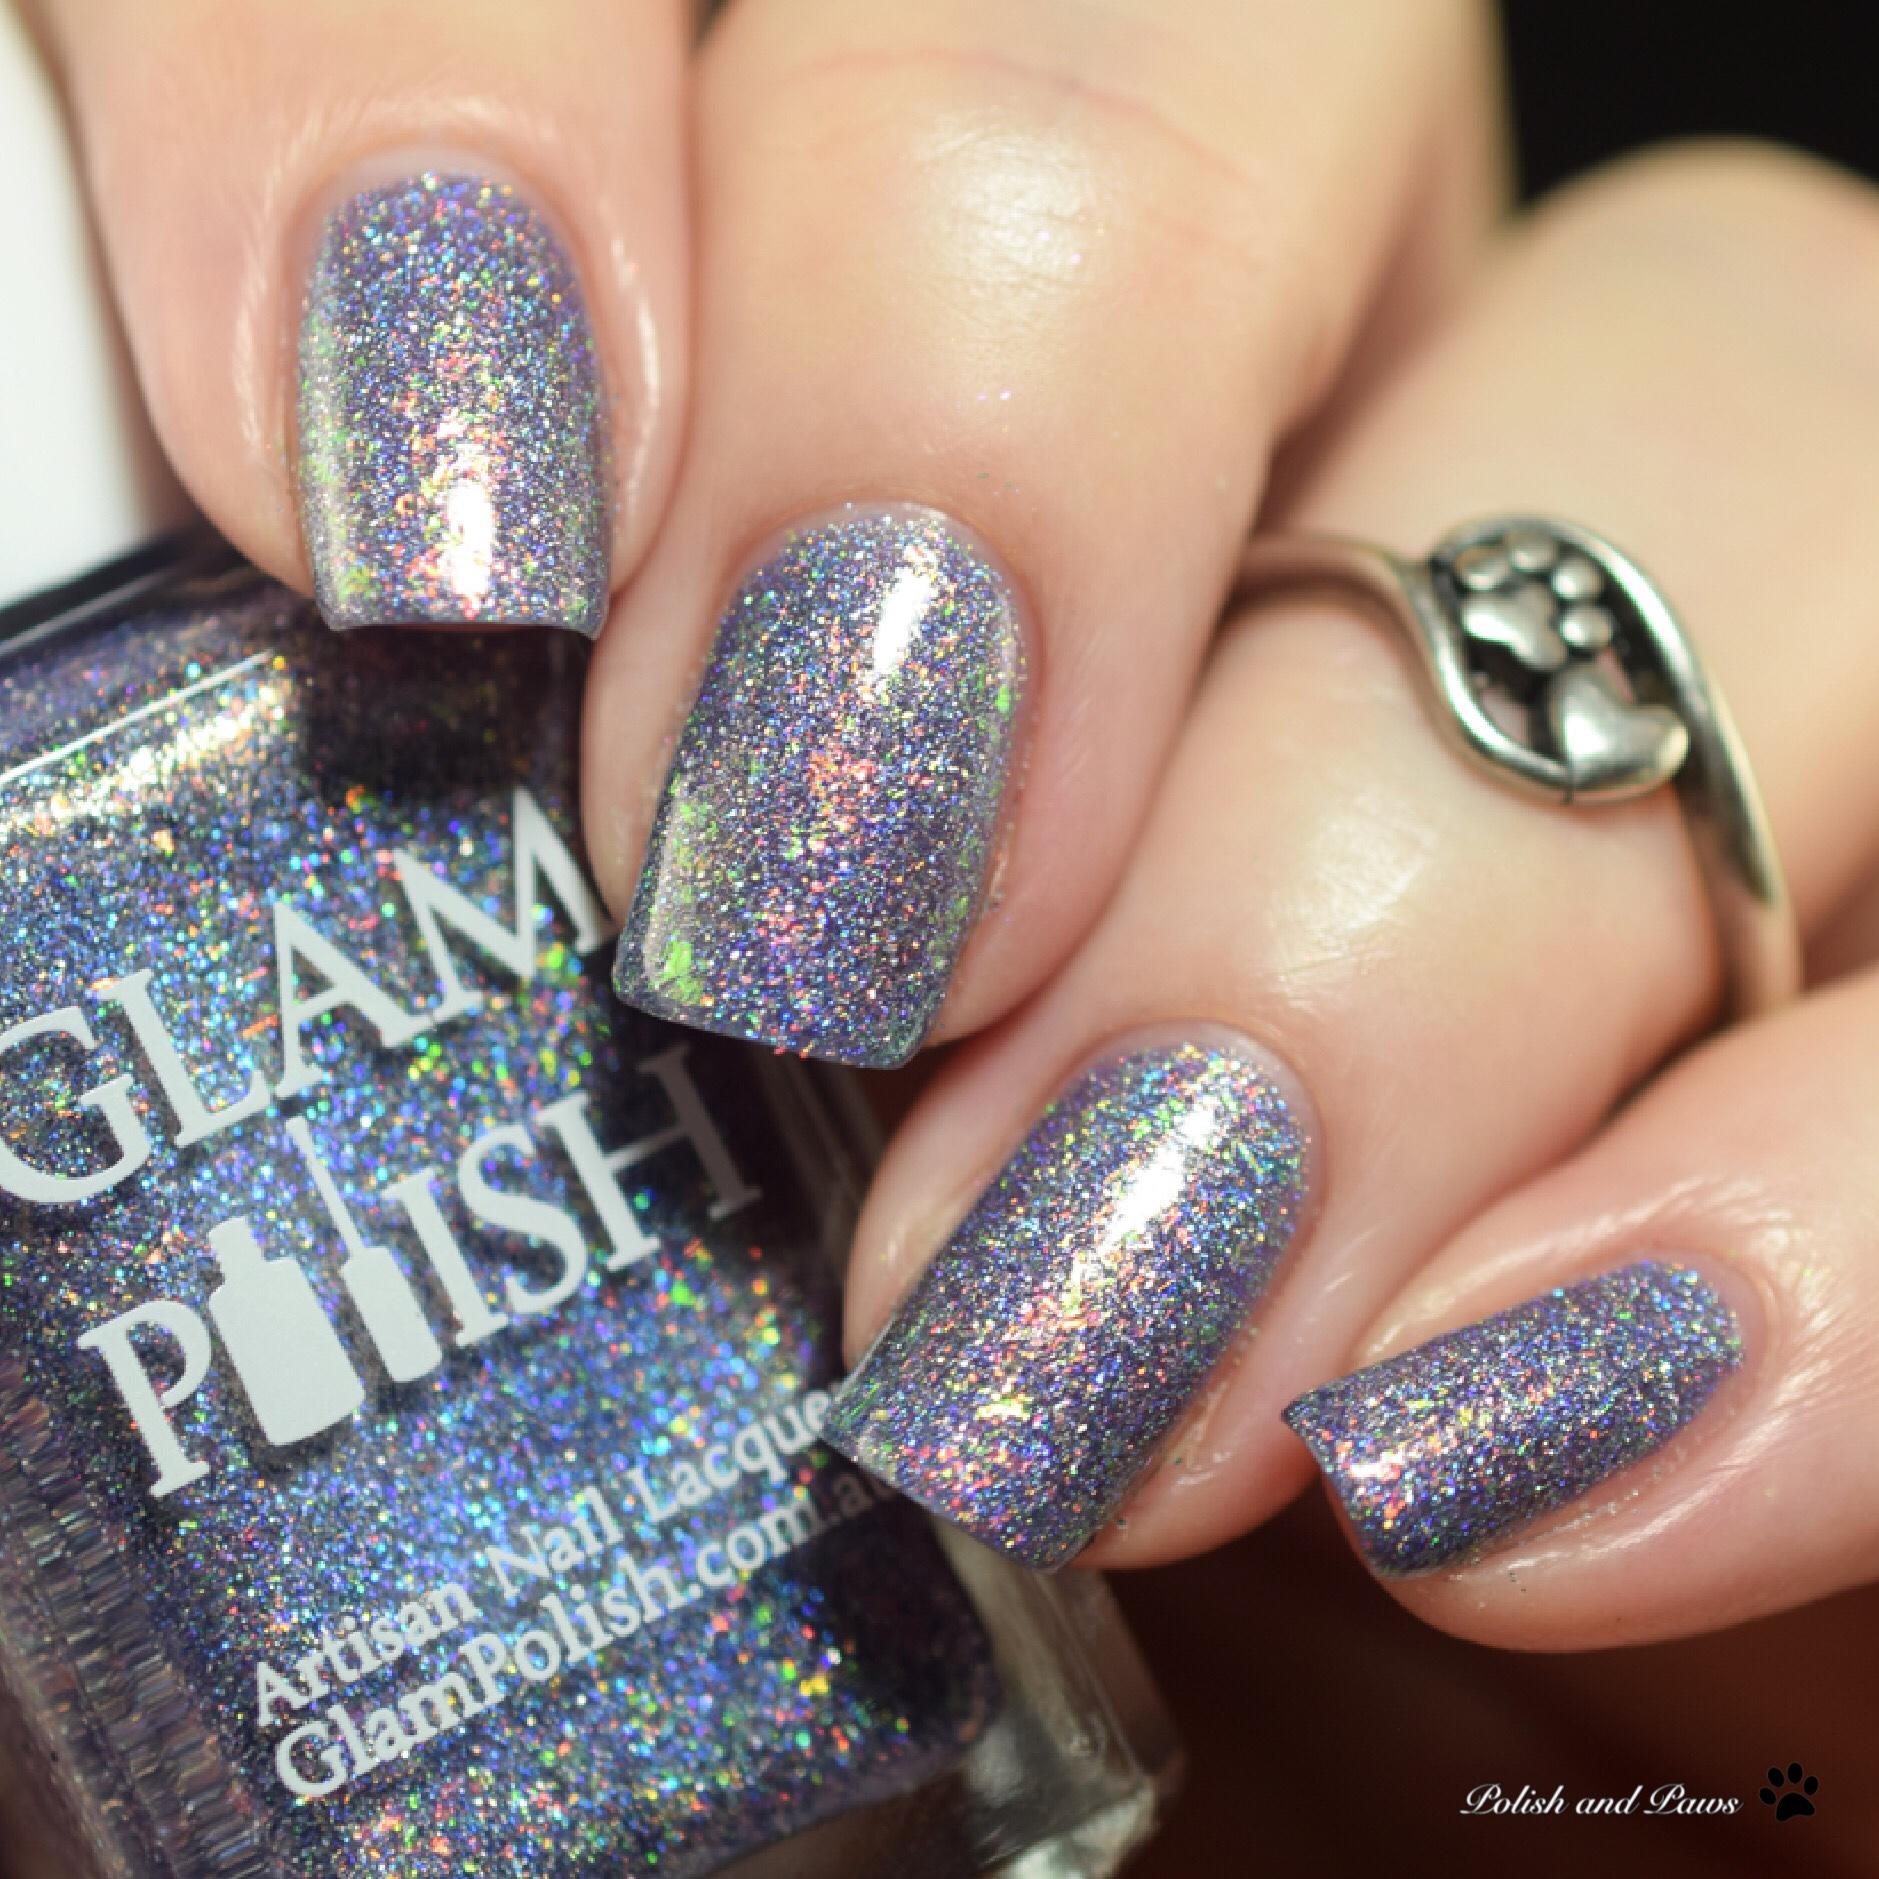 Glam Polish Horcrux